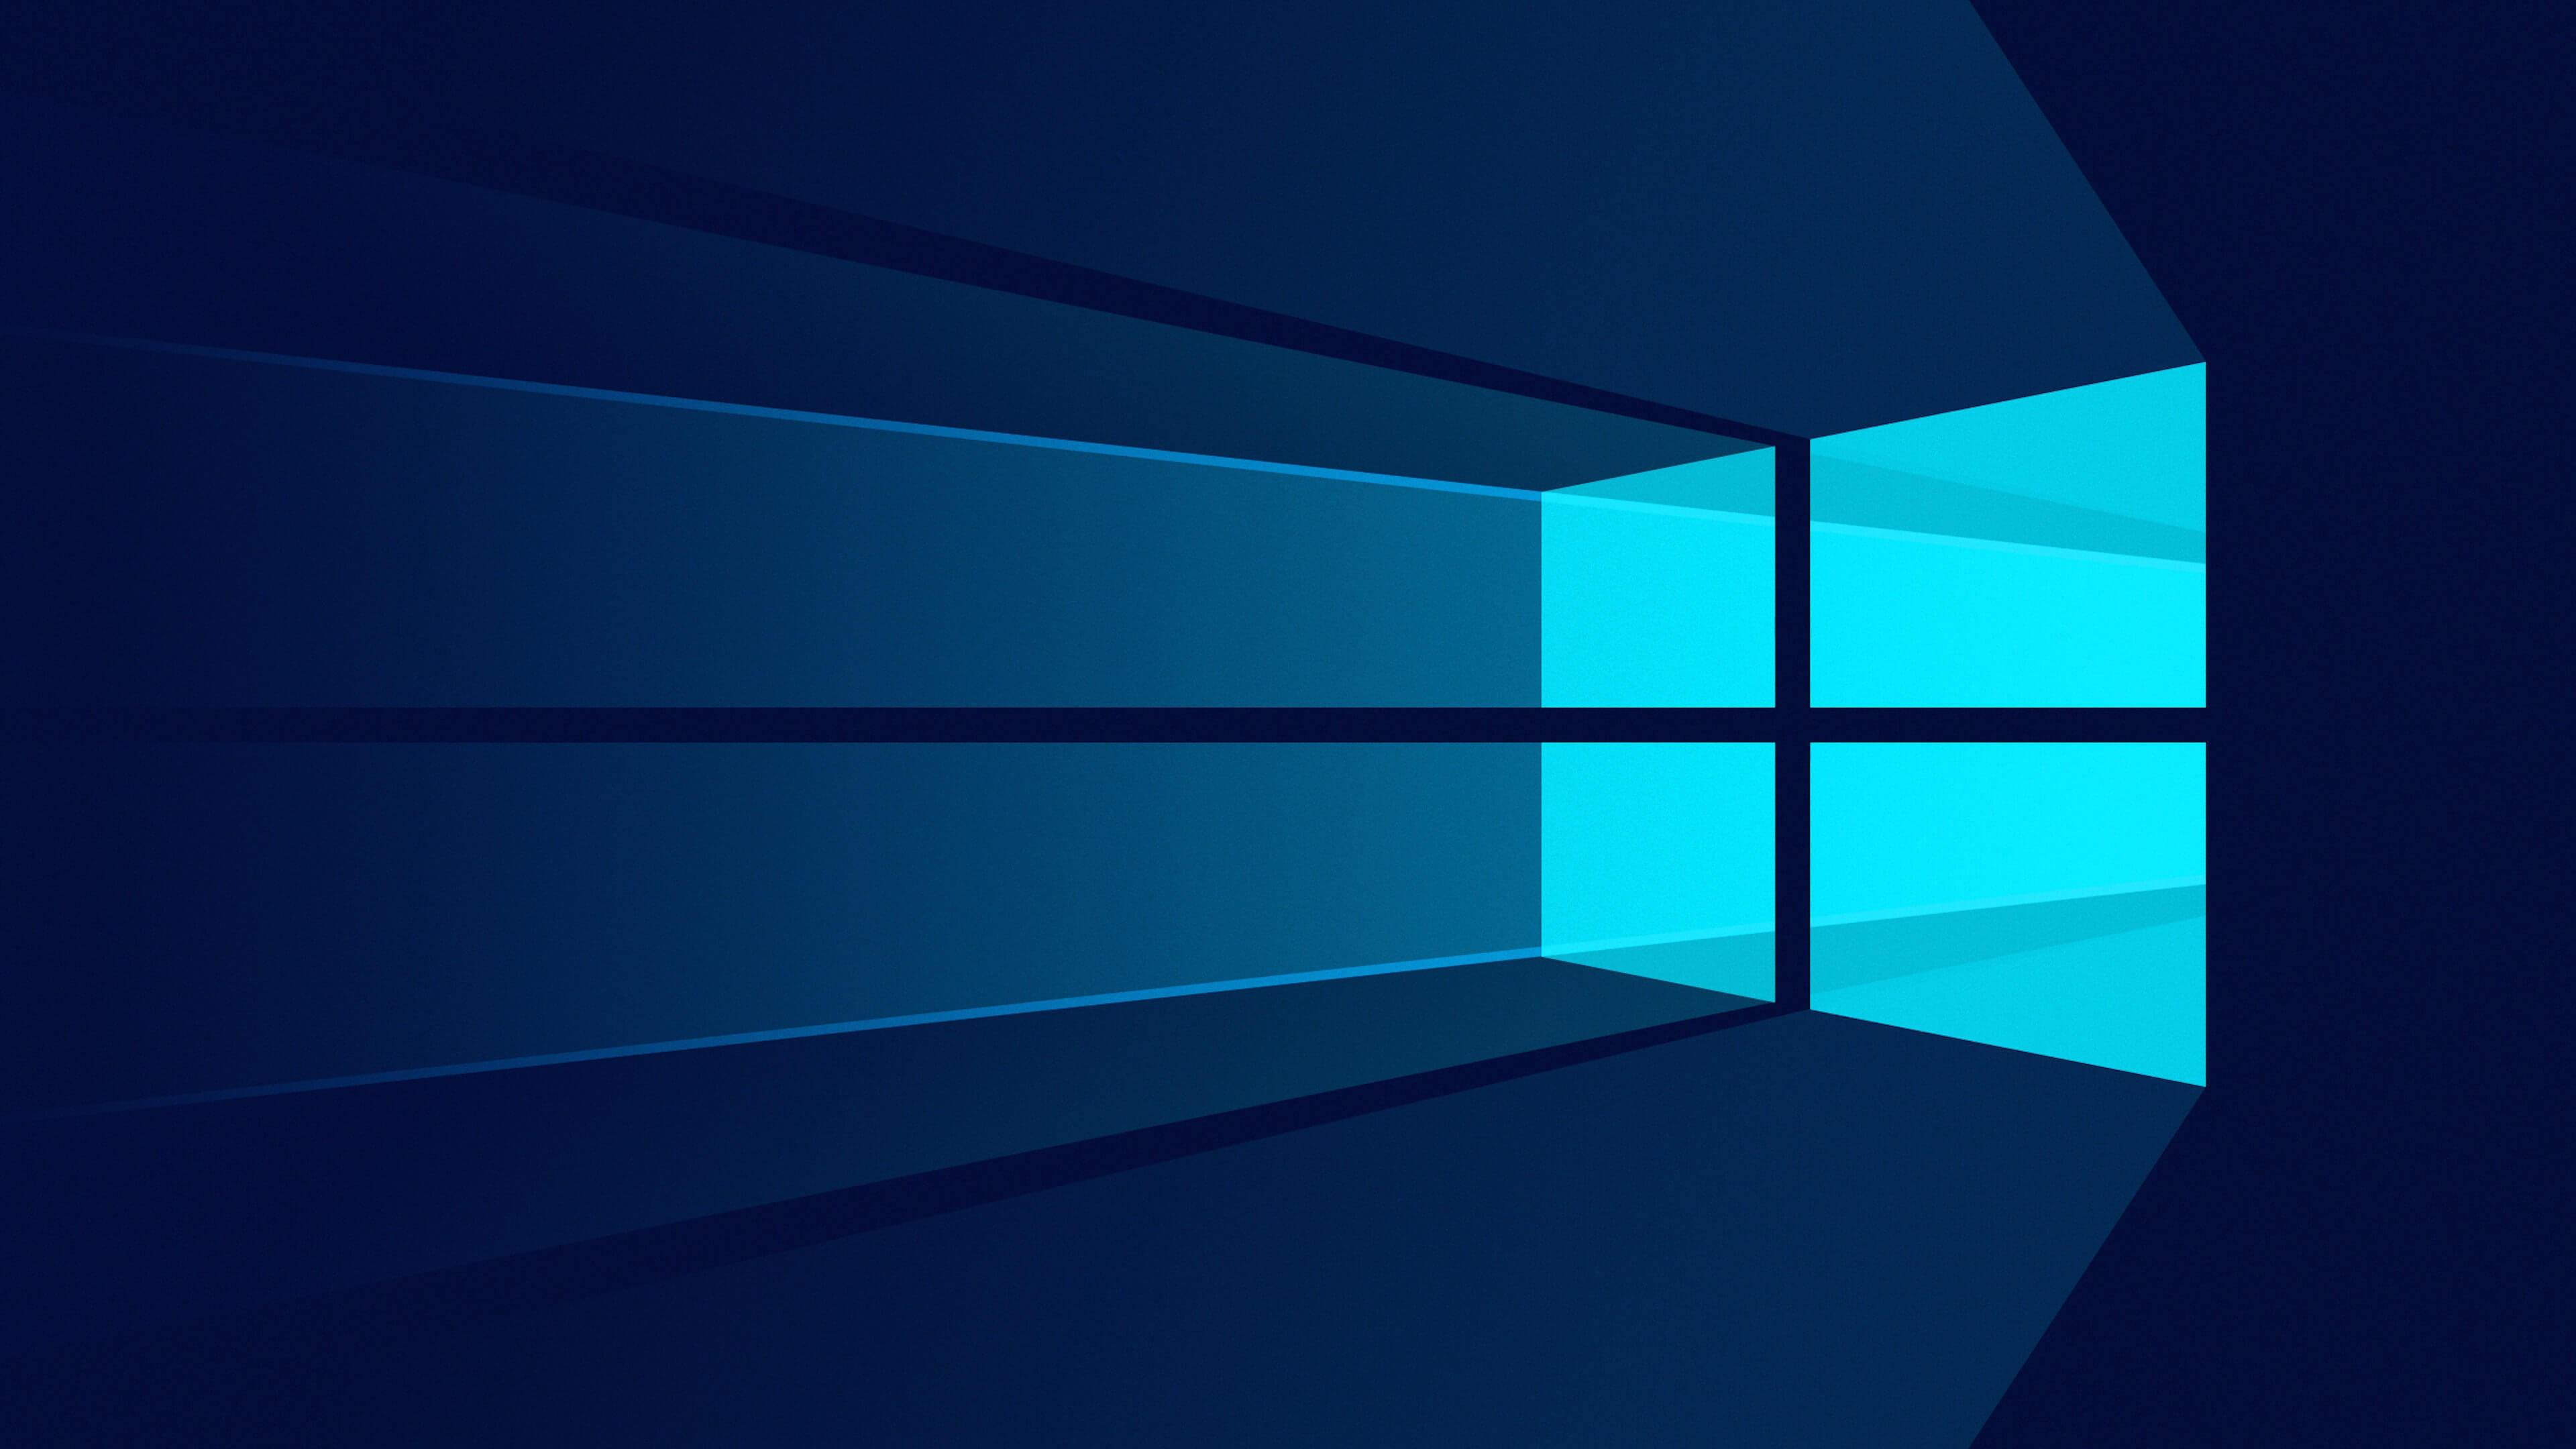 Download Windows 10 Flat HD wallpaper for 4K 3840 x 2160 3840x2160